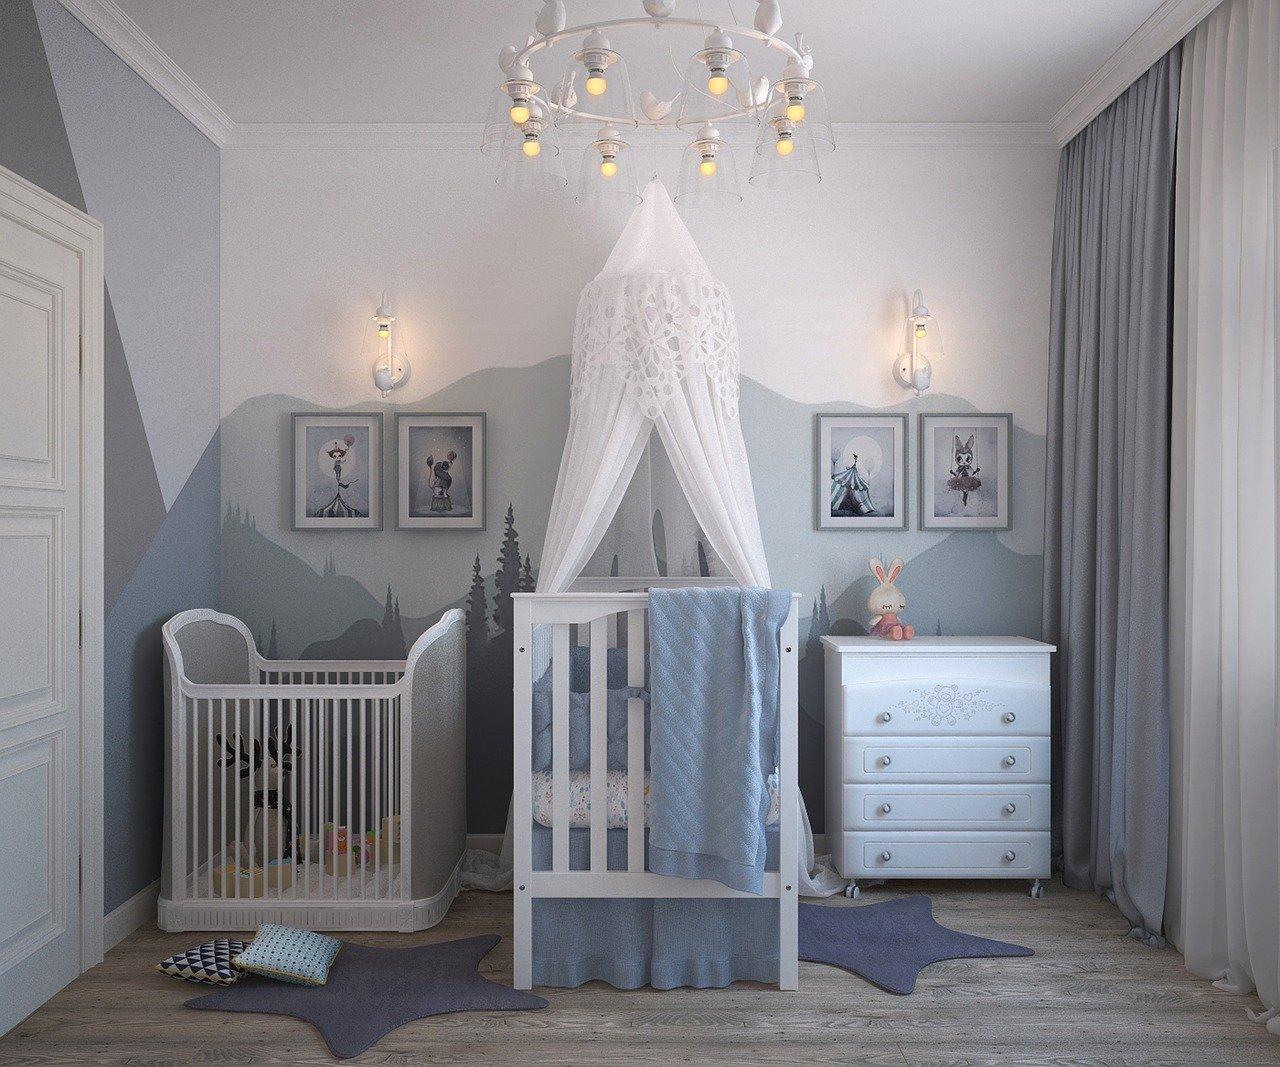 Jak przekształcić pokój dziecięcy w pokój nastolatka?